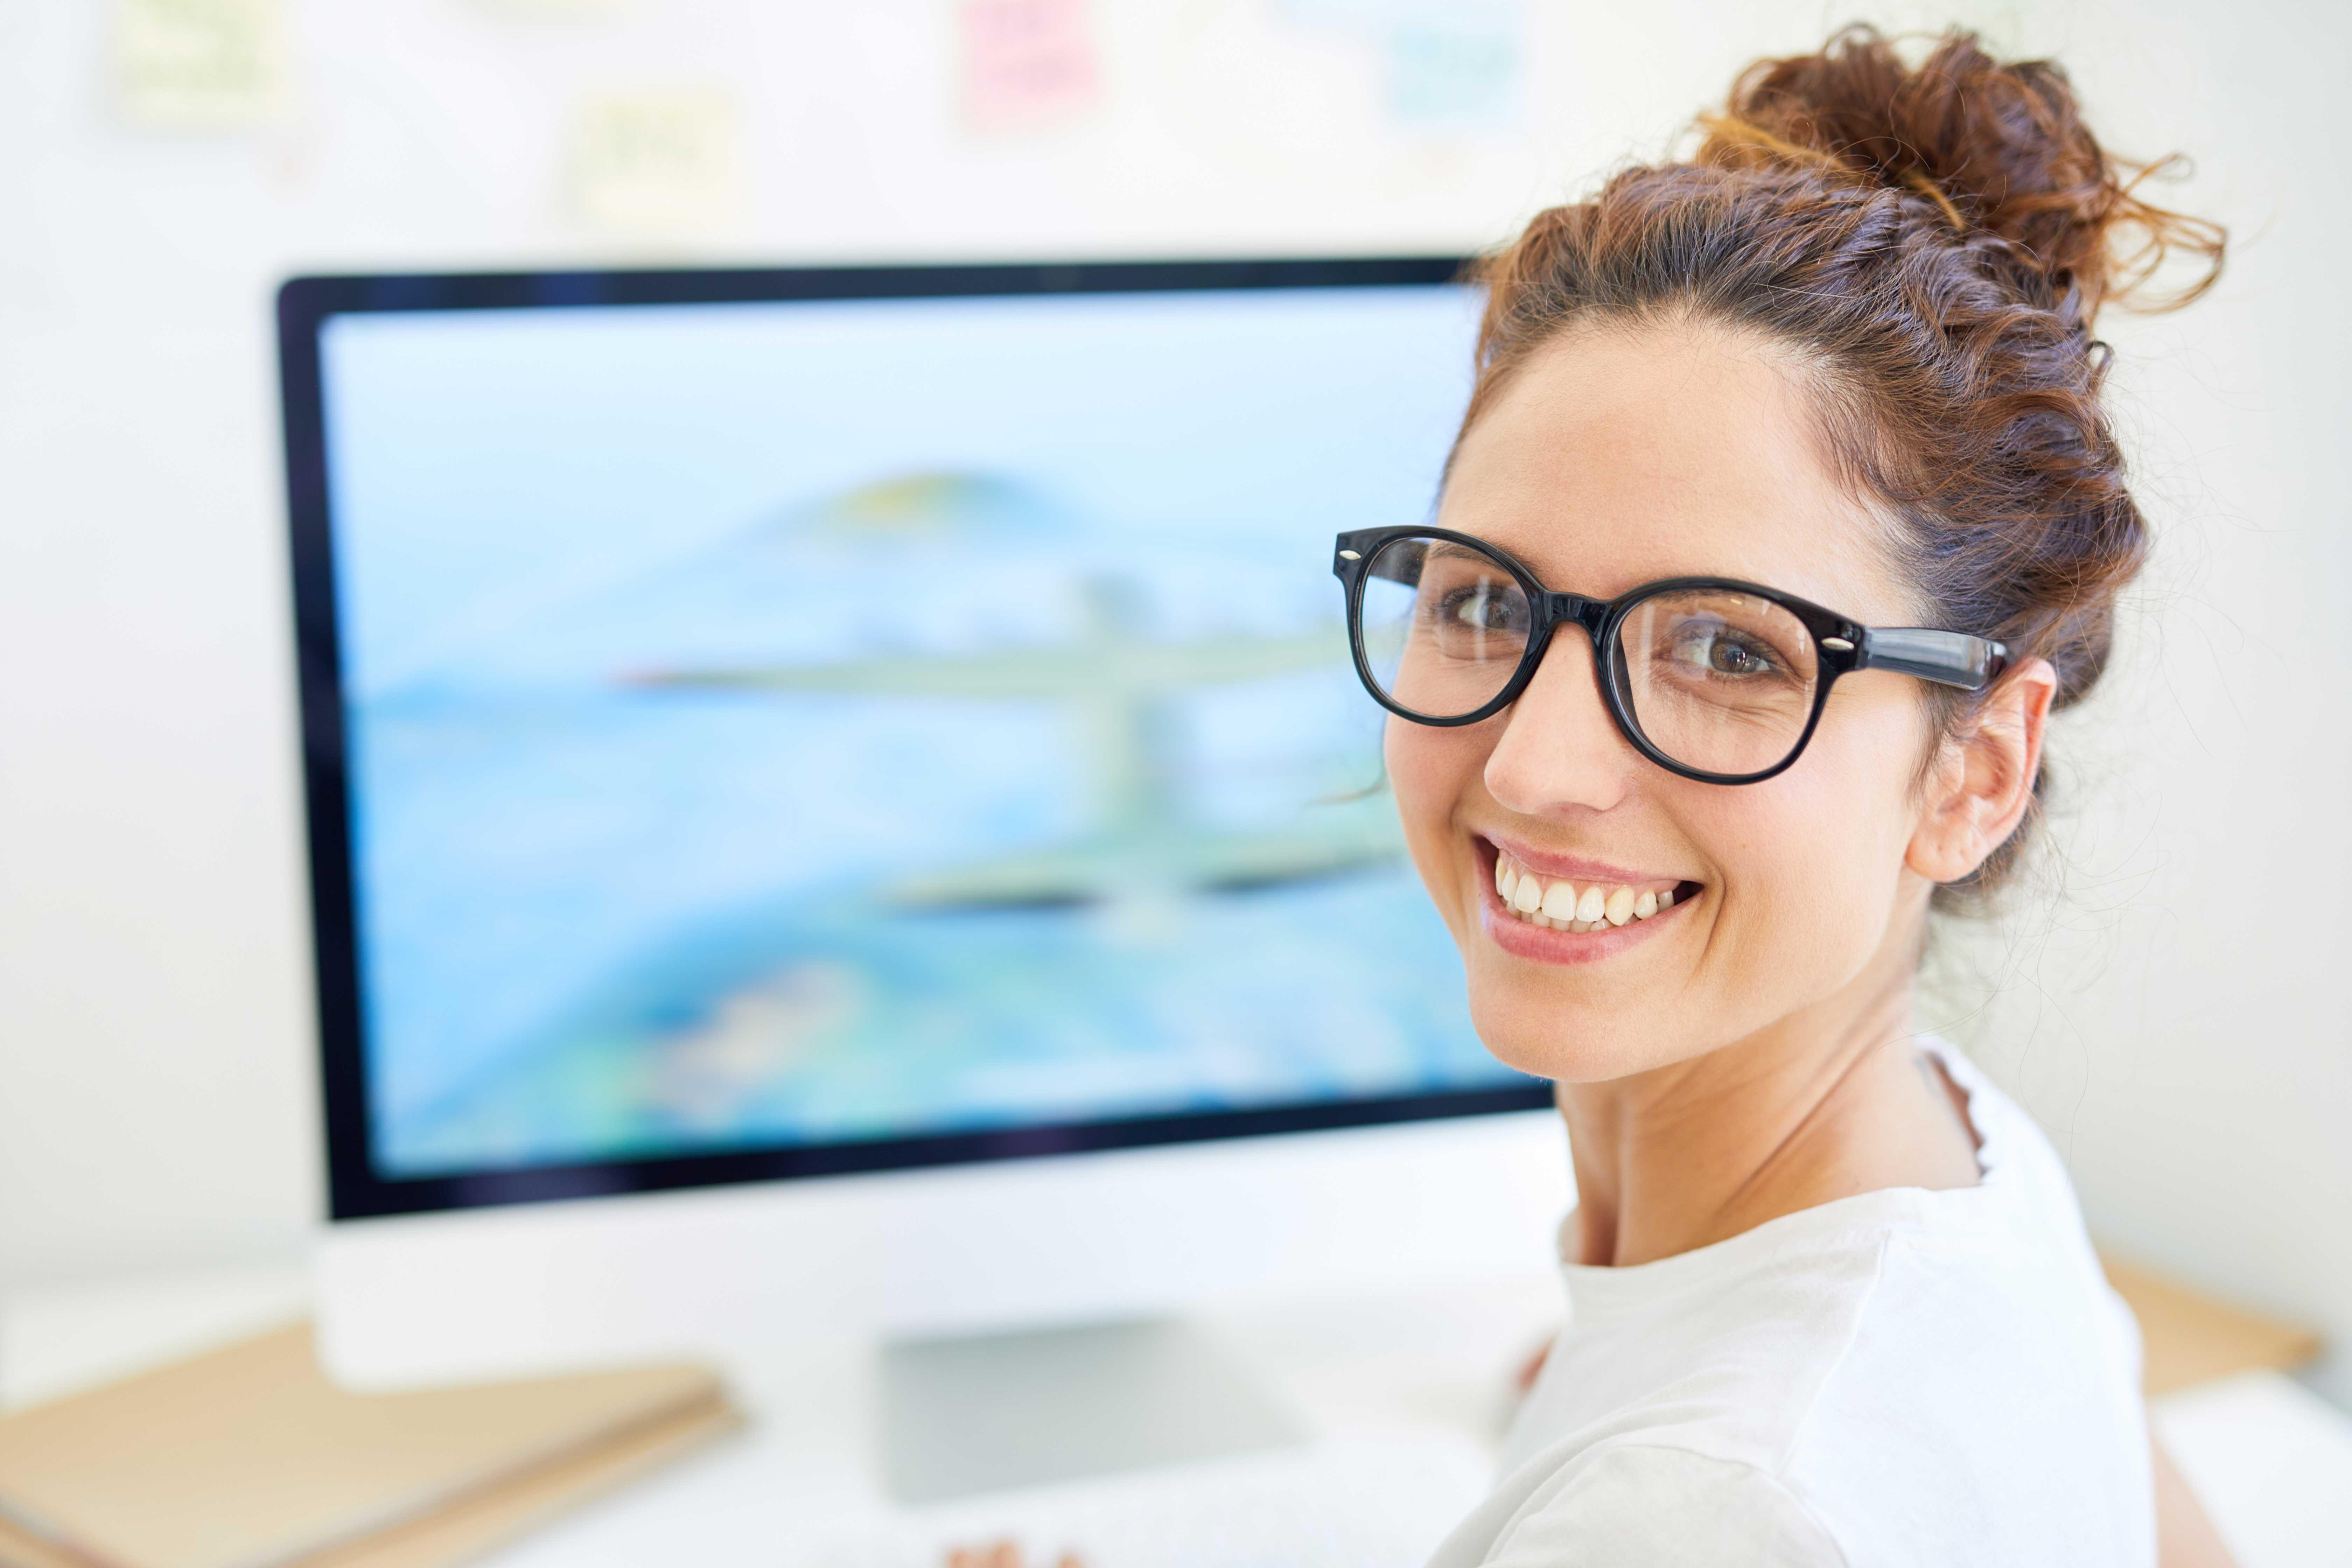 Karriere bei Briloner Junge Frau mit Brille